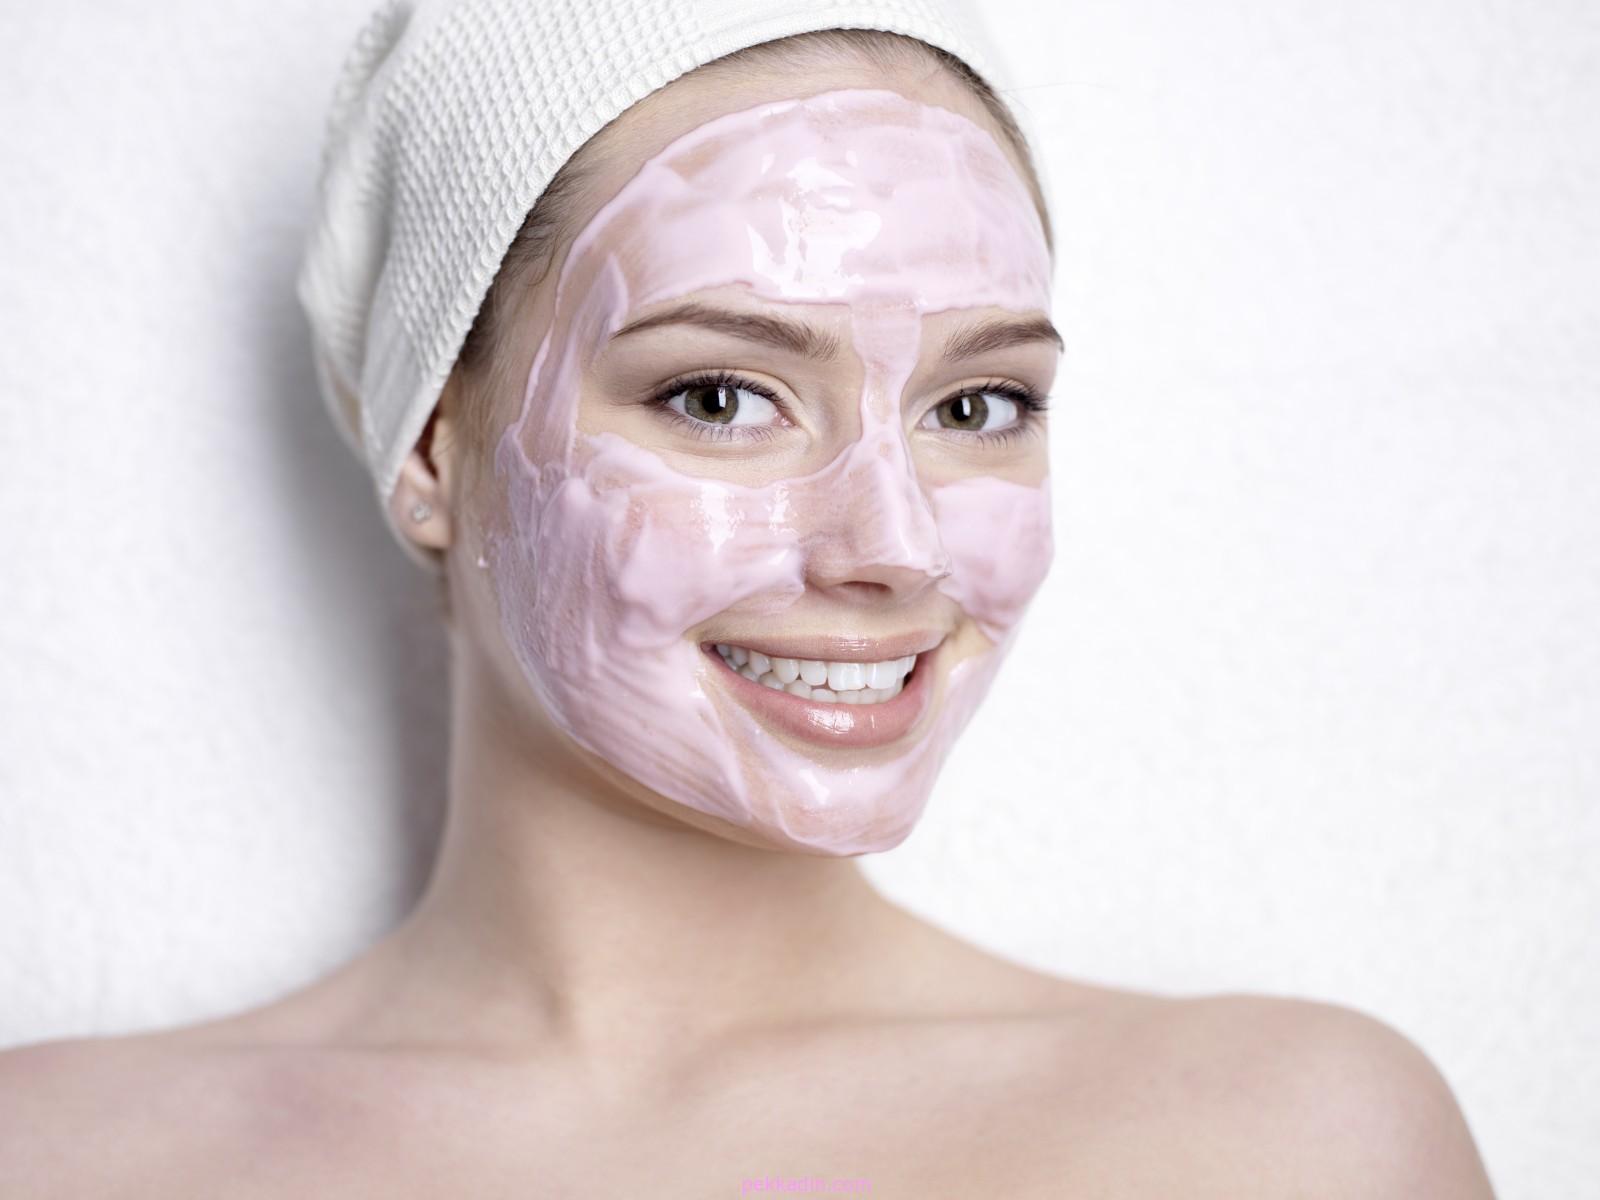 Cilt Germe Yöntemleri: Cildi Geren Maske Önerileri